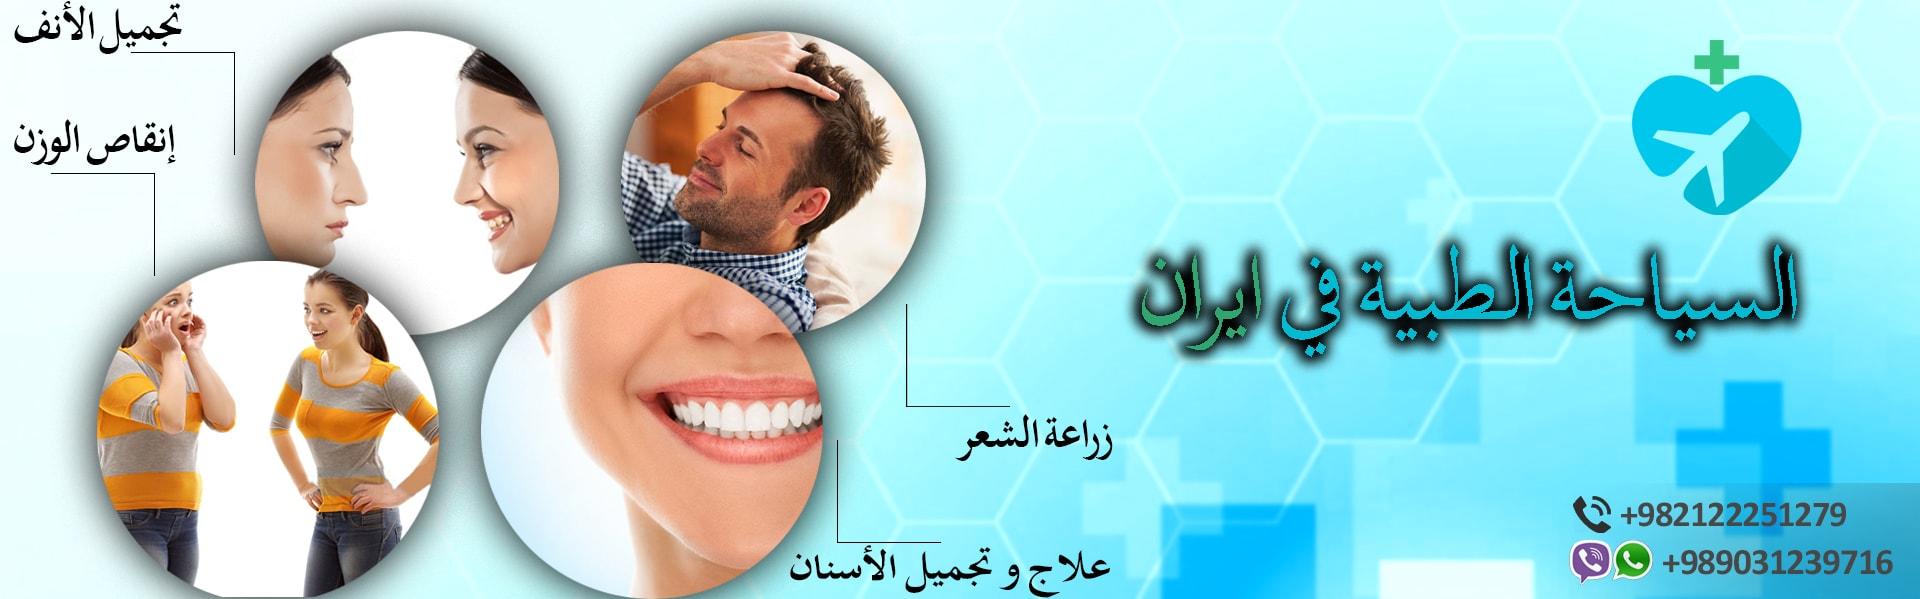 شركة آريا للسياحة الطبية والتجميلية في ايران